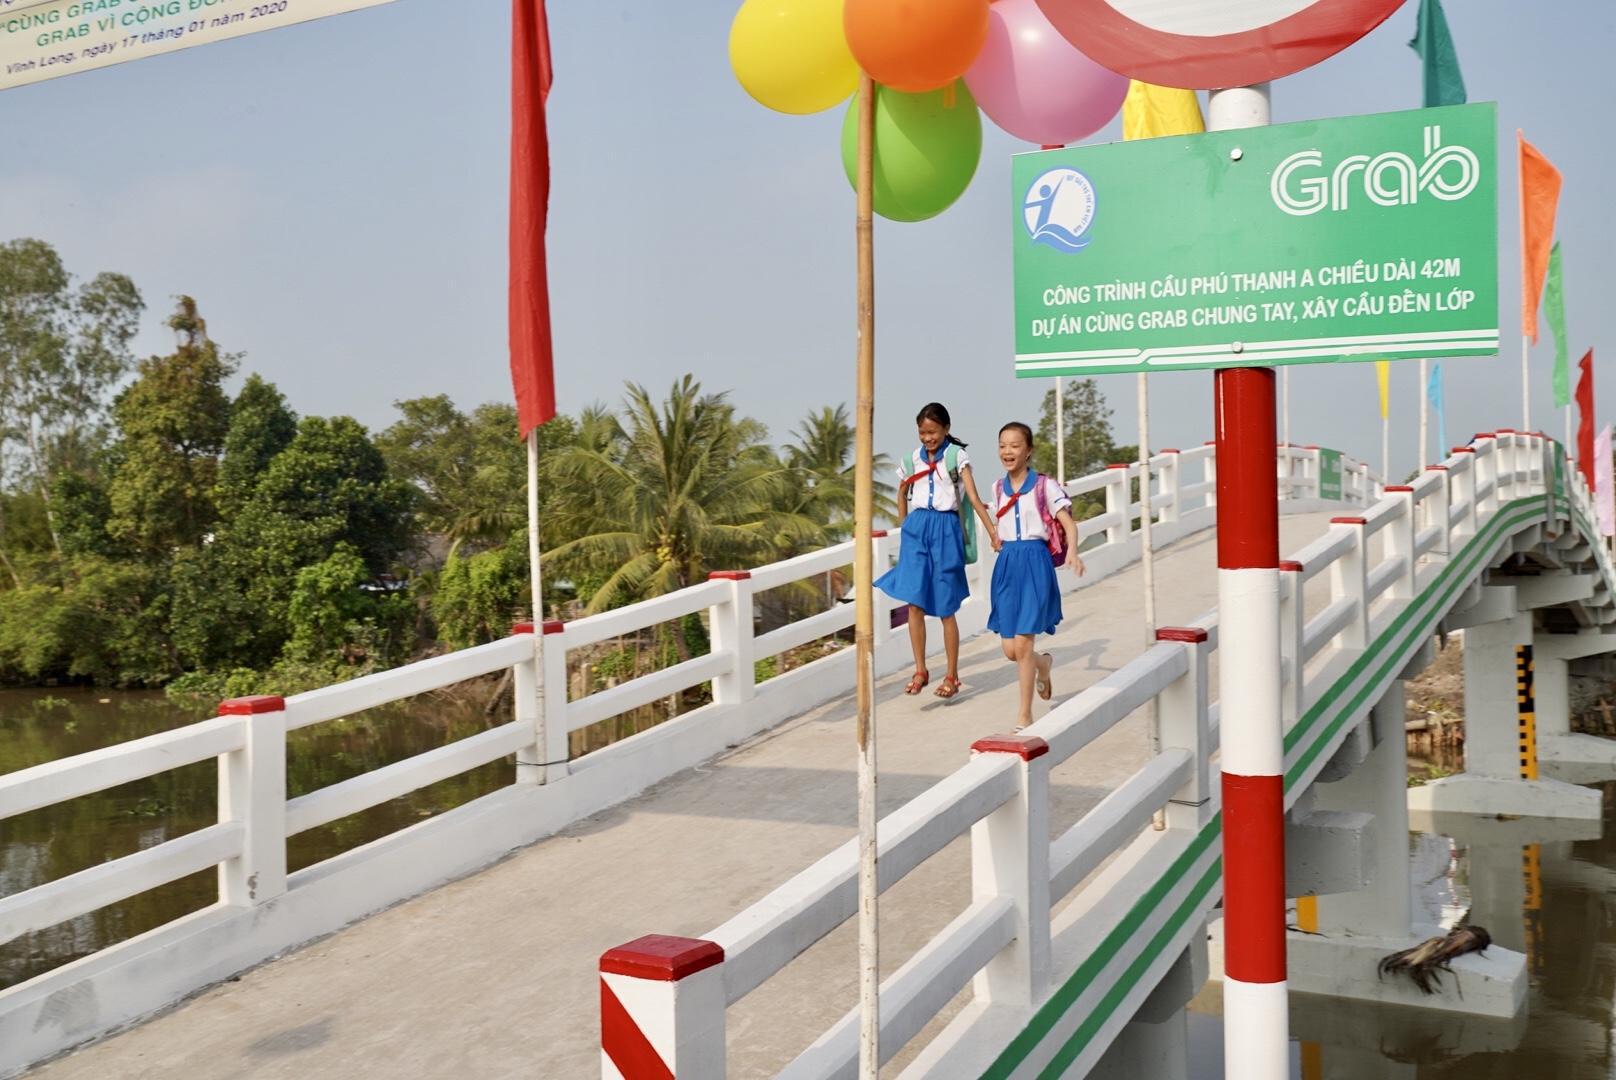 Vừa nhậm chức, nữ CEO Grab Việt Nam đã khánh thành cầu dân sinh 900 triệu đồng cho người dân miền Tây - Ảnh 1.